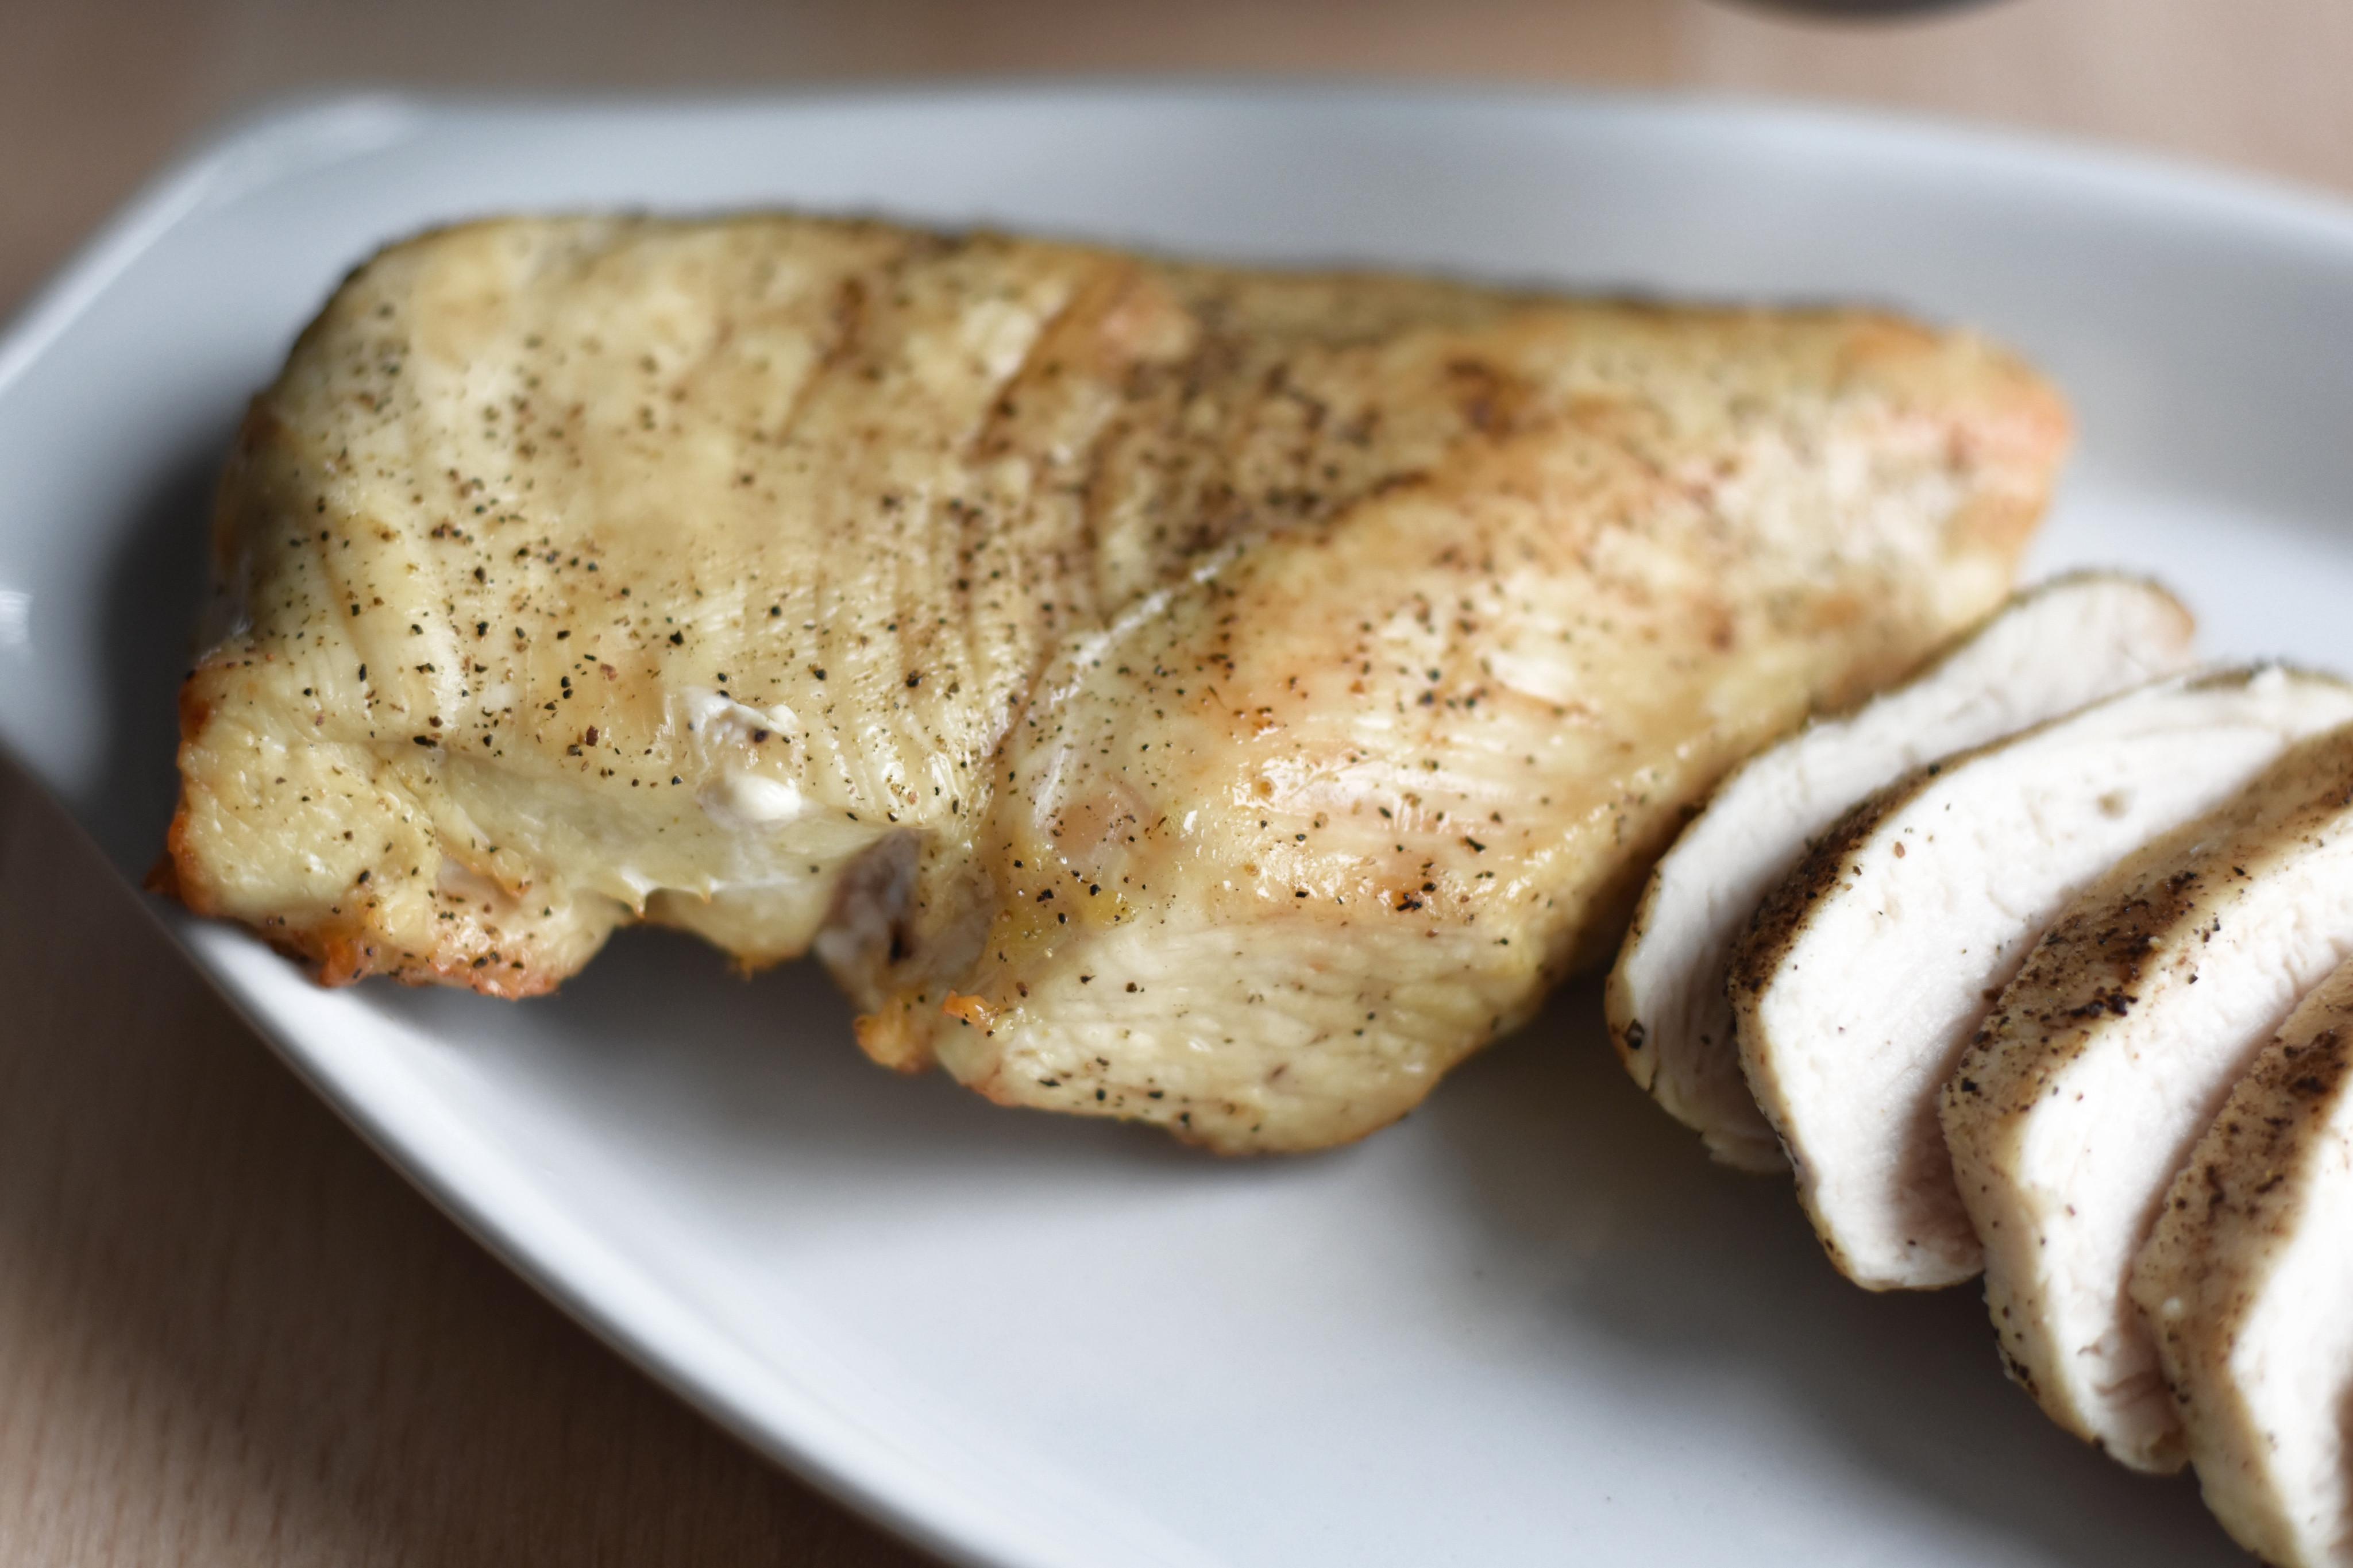 Air Fried Chicken Breast  Air Fryer Chicken Breast – 0 Weight Watchers Points – Slap